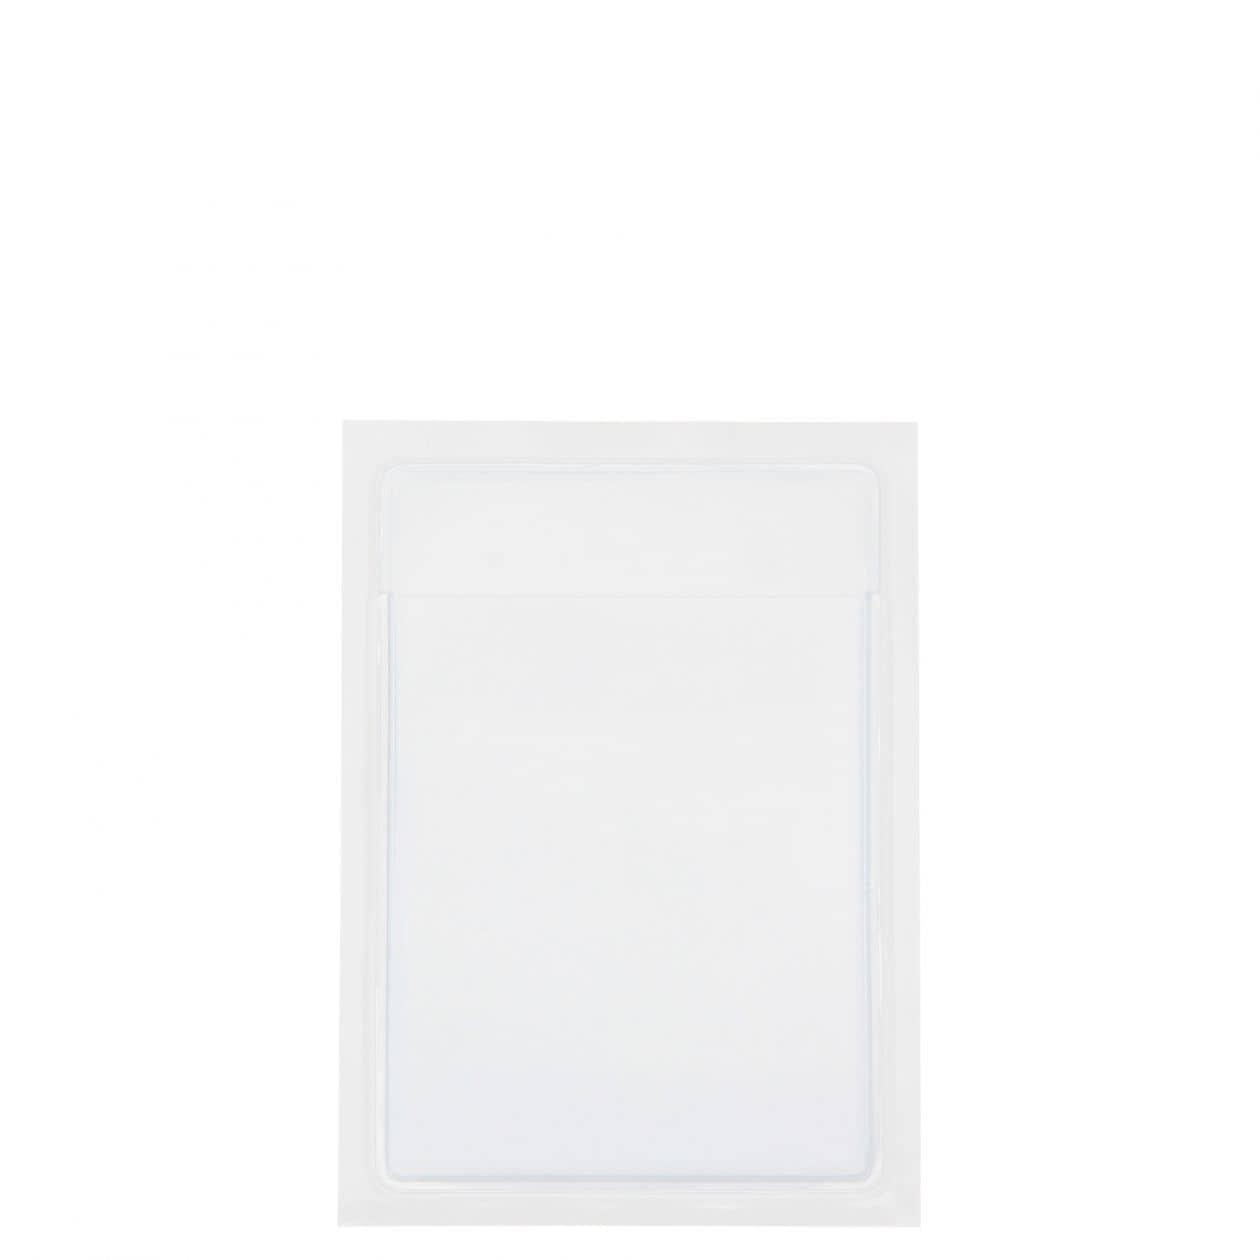 ポケットシール カードサイズ 1ポケット×2枚組消費税込120円